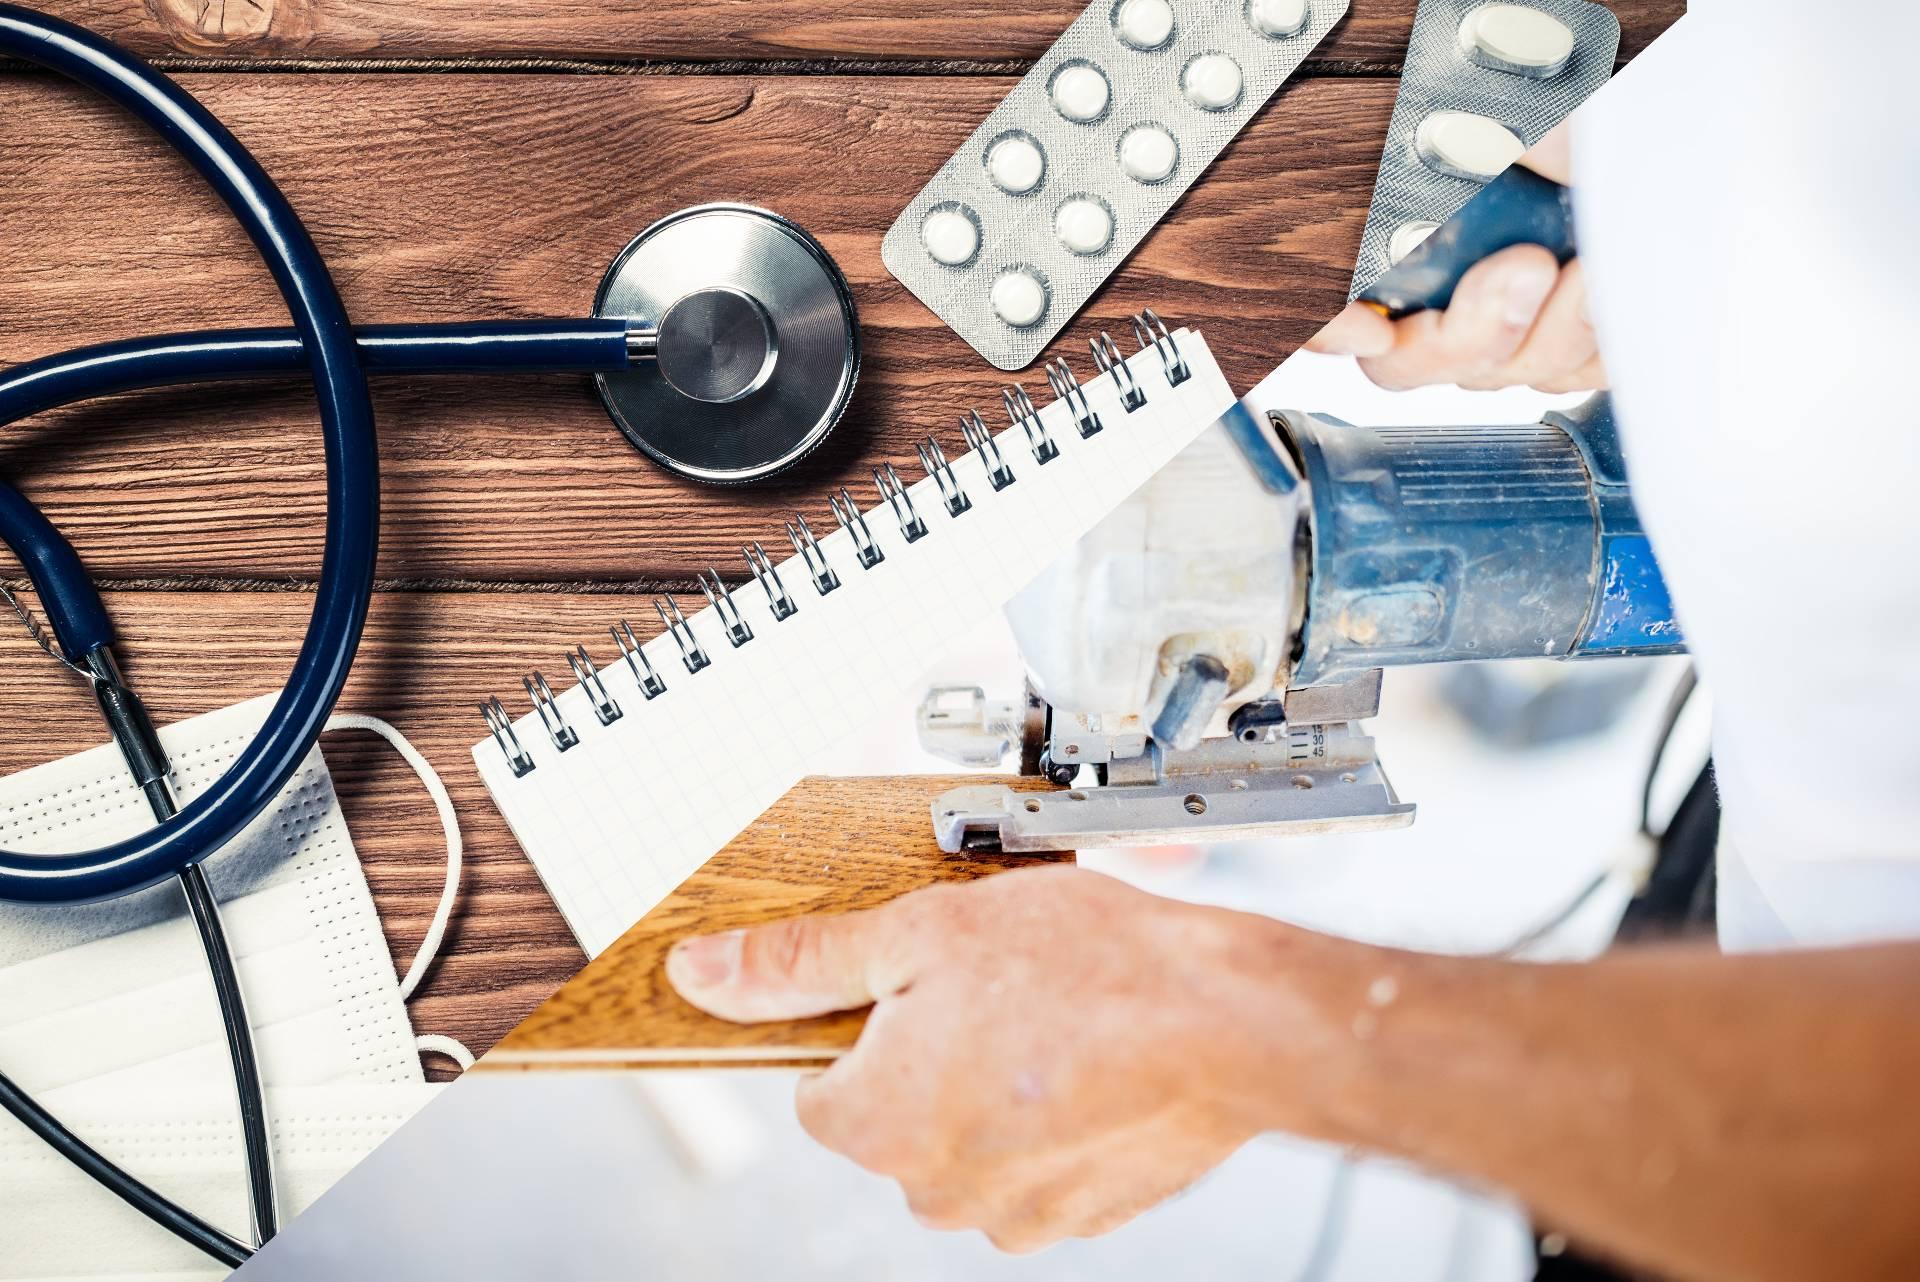 De albañil a médico - La inspiradora historia del médico gitano